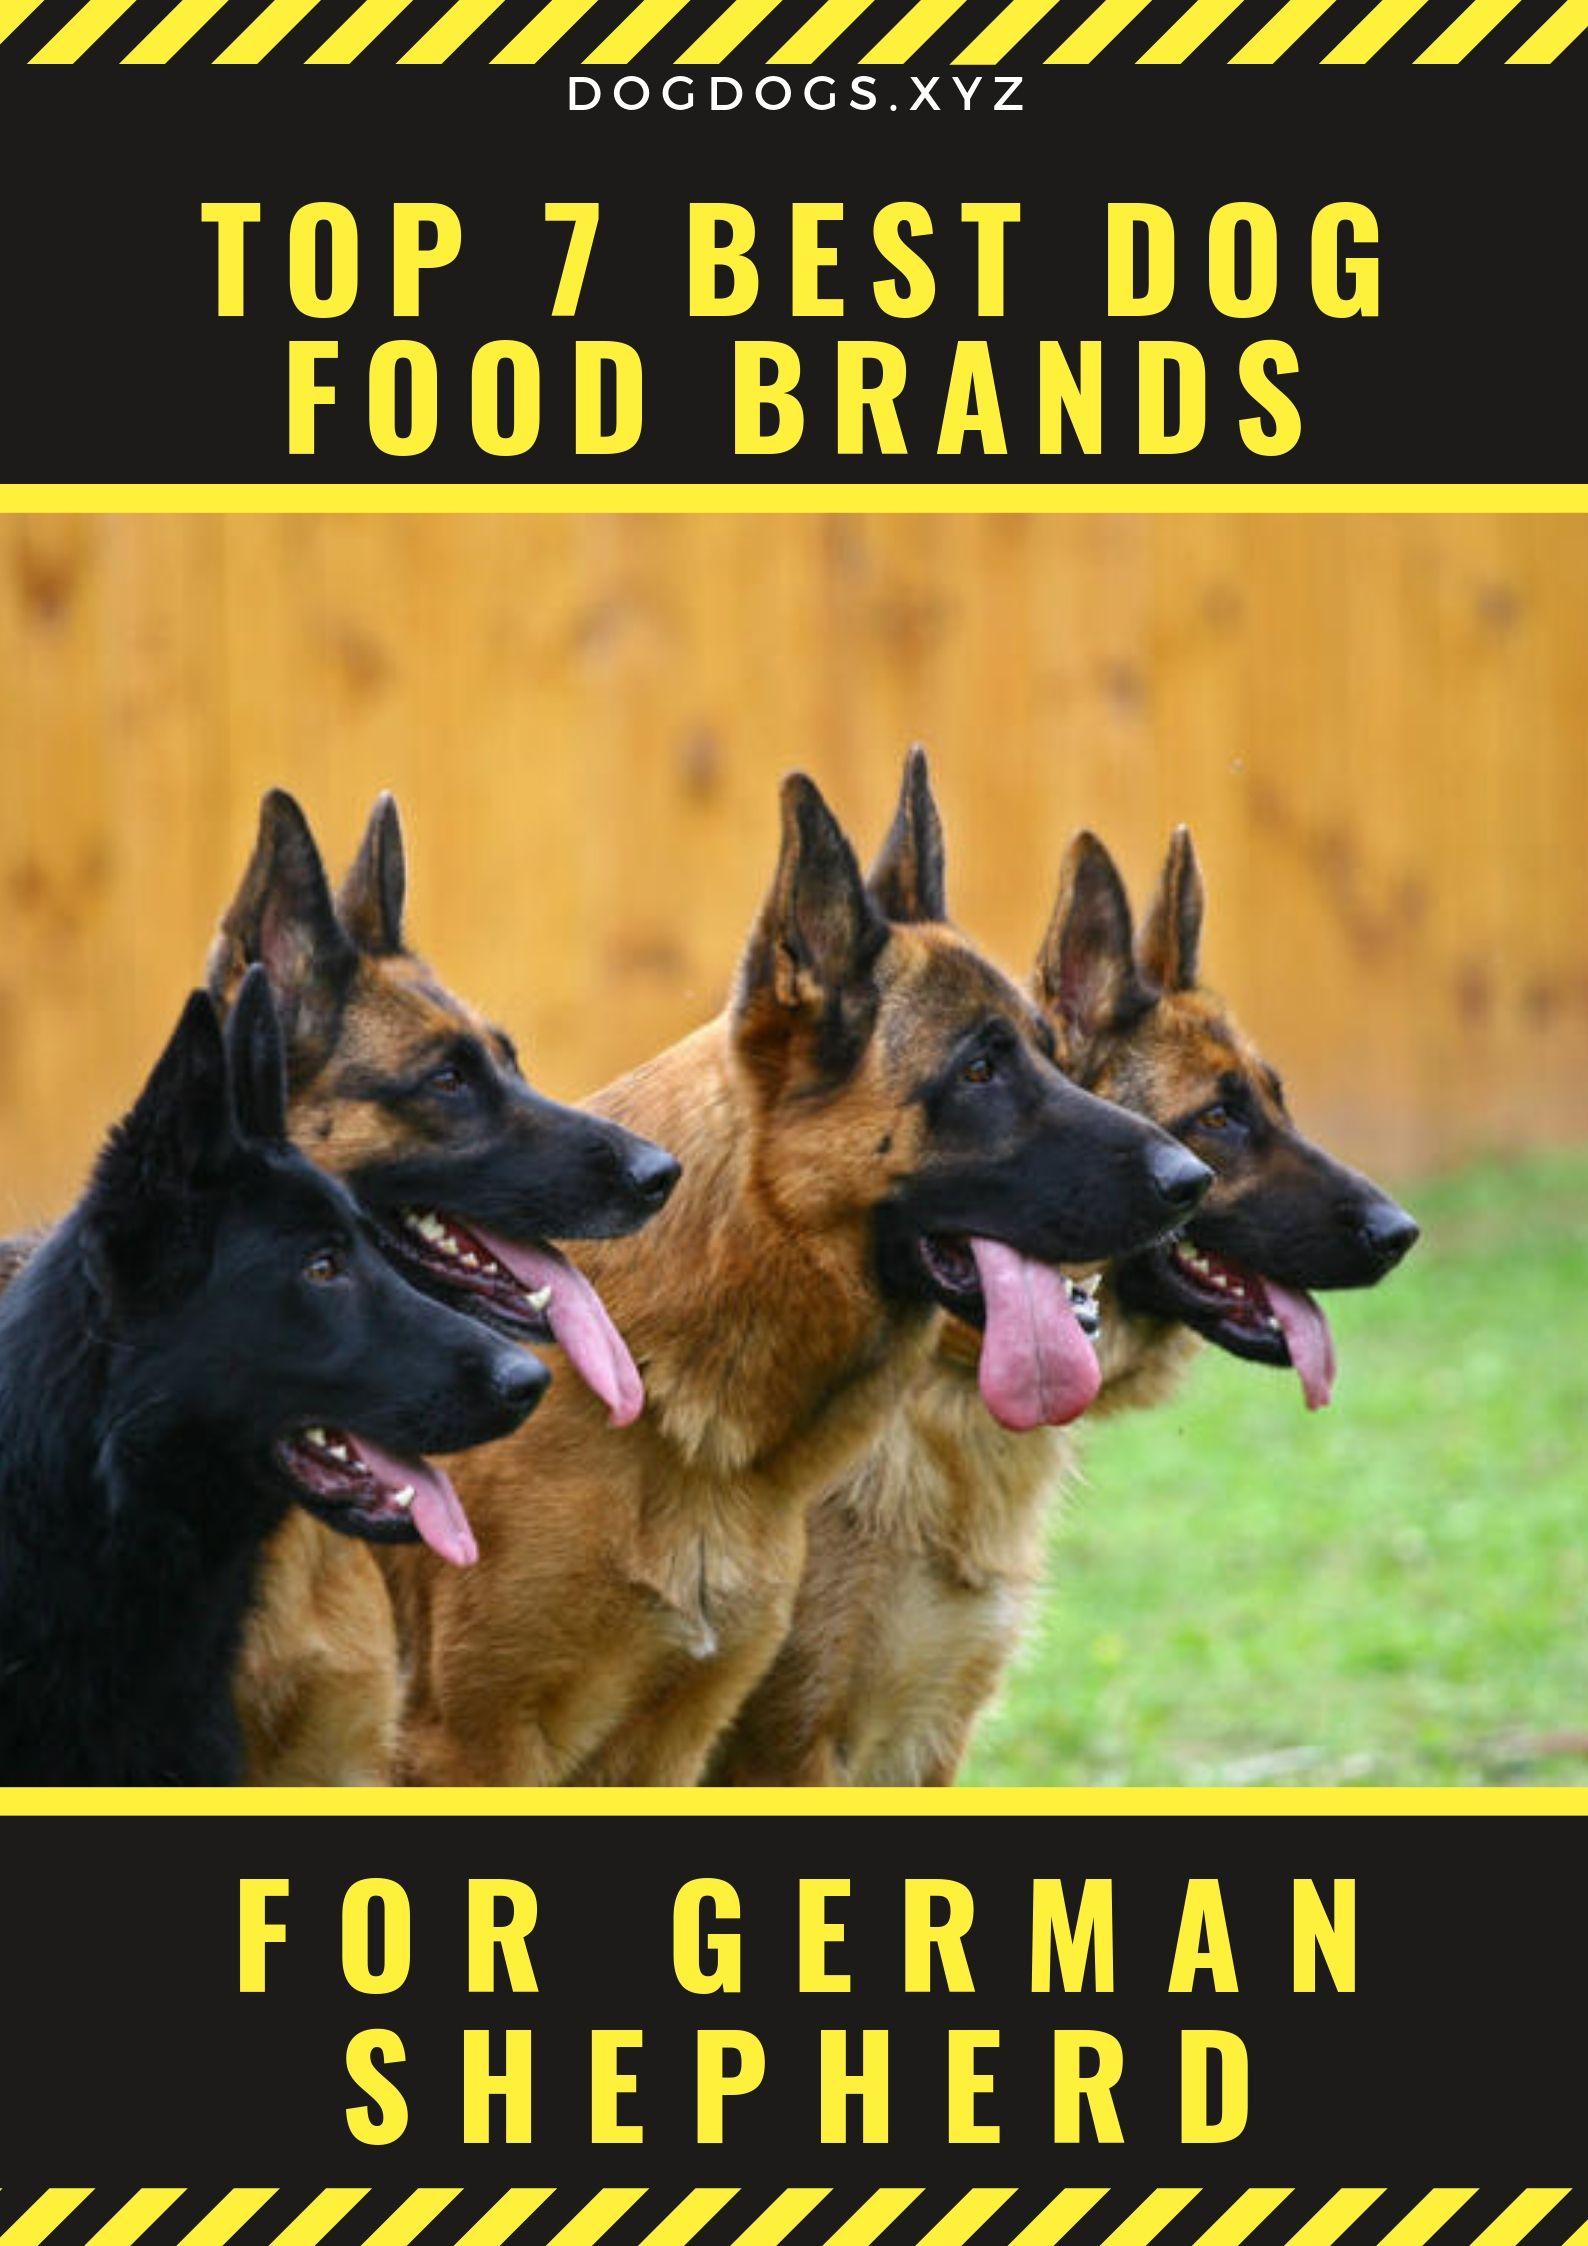 Top 7 Best Dog Food Brands Dog Training Dog Food Brands Best